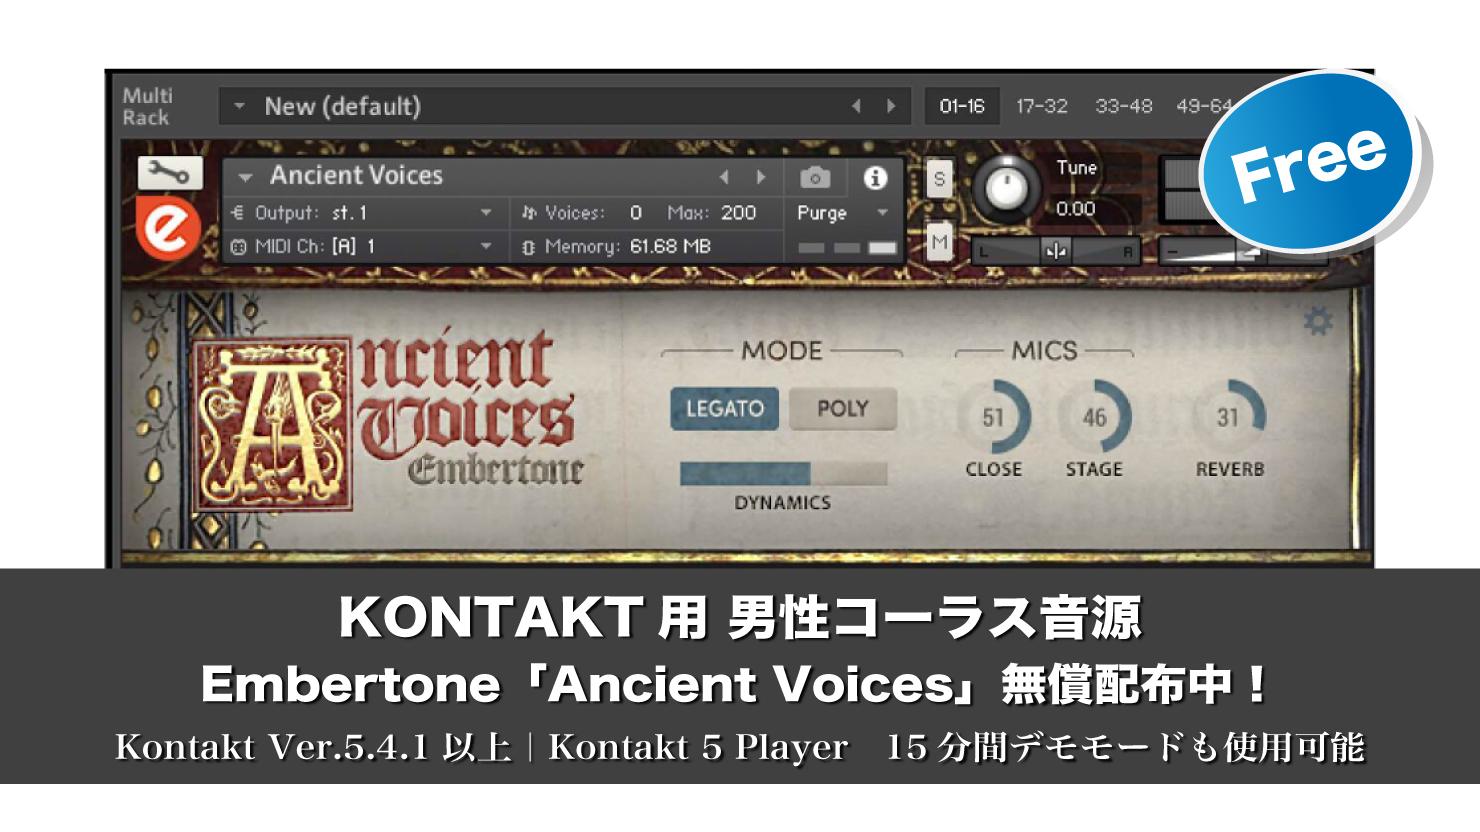 【無料】KONTAKT用 男性コーラス音源 Embertone「Ancient Voices」無償配布中!